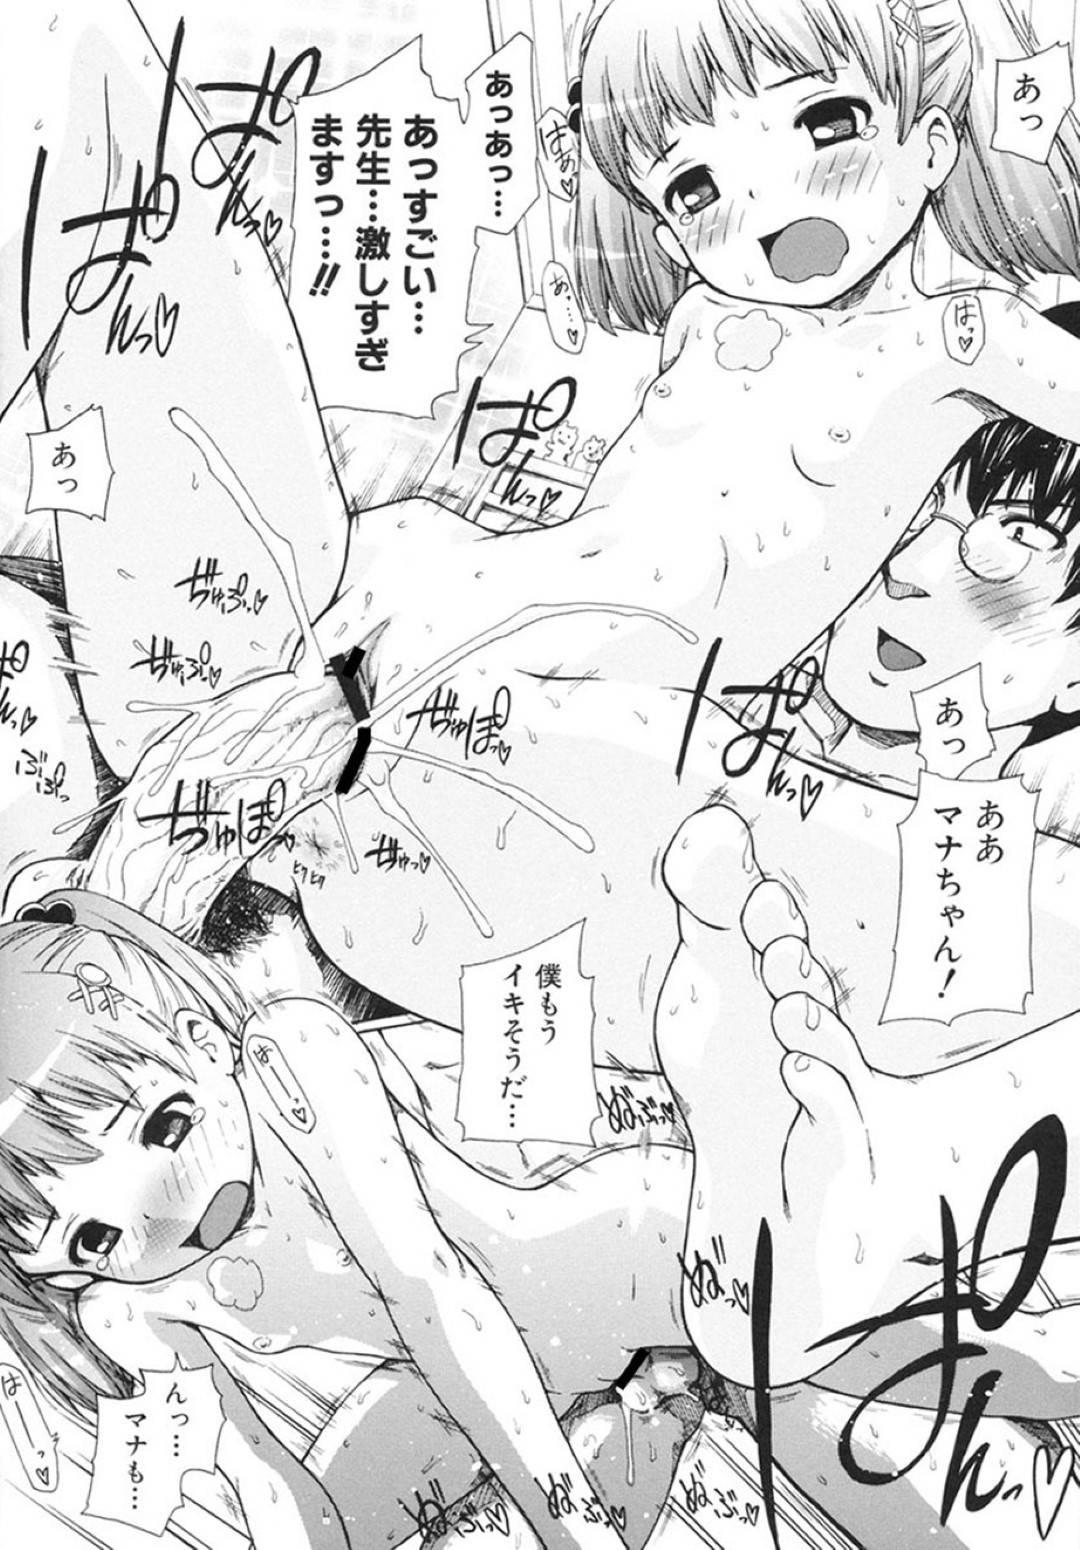 【エロ漫画】家庭教師のお兄さんが大好きなロリっ子は、ママに隠れて生ハメセックスしまくりアナルも開発されてイキまくる!